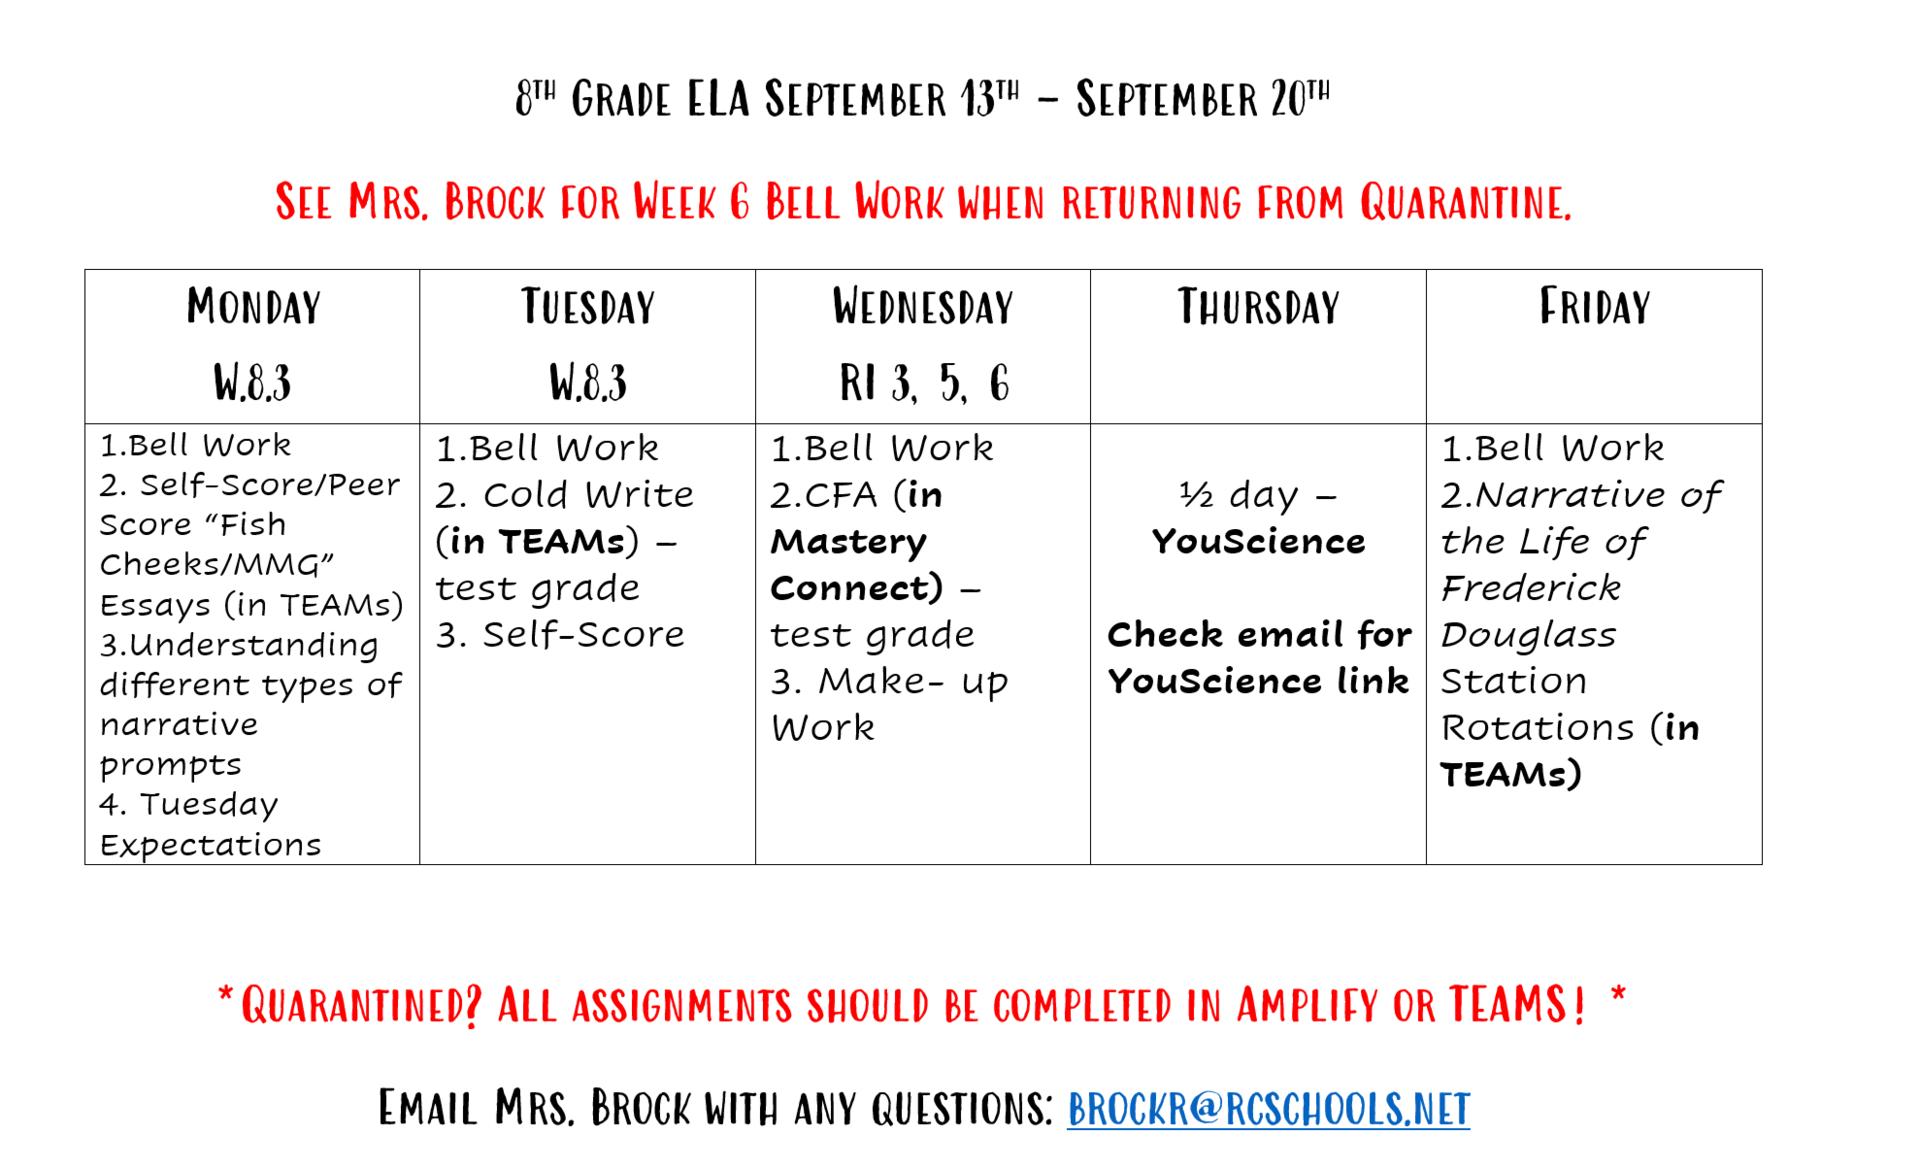 September 13th - 20th